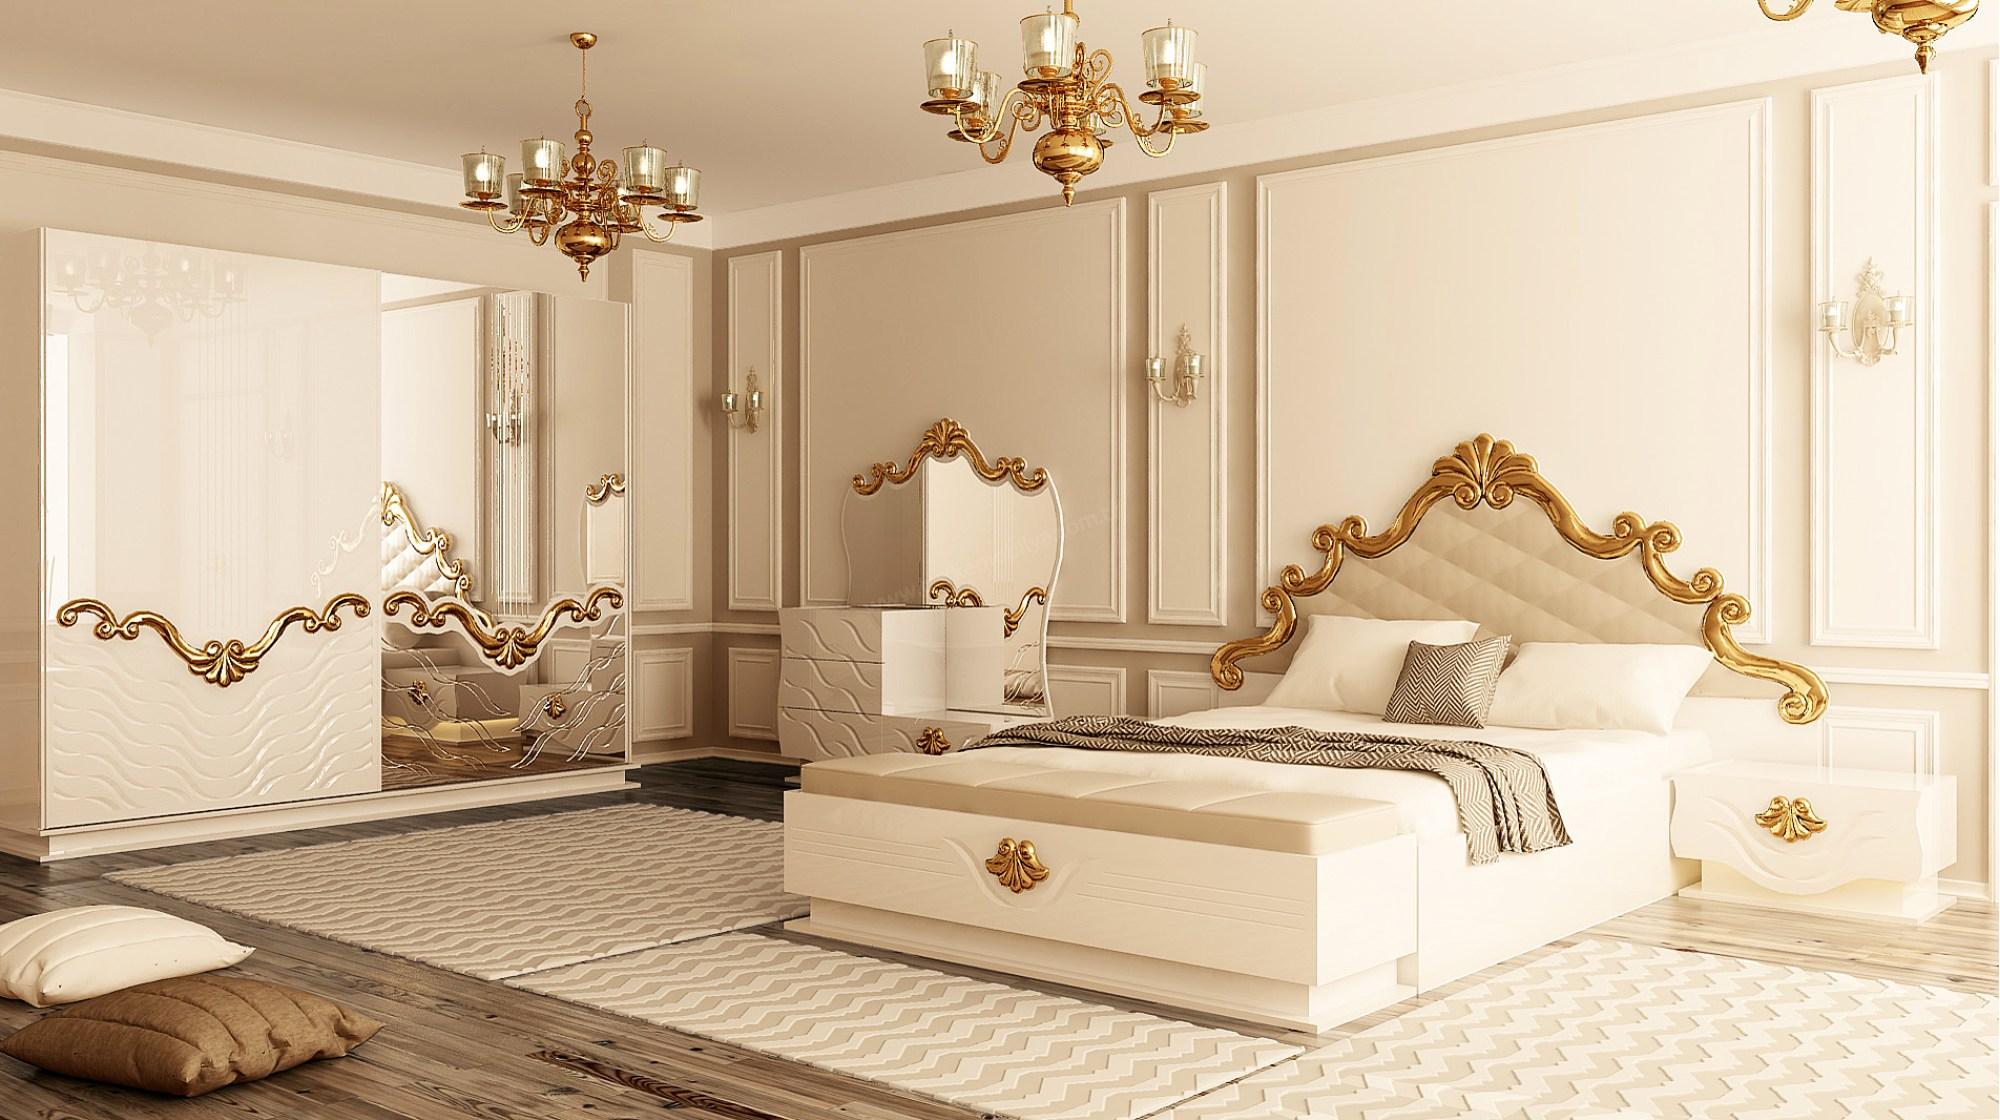 Altın Varaklı Yatak Başlığı ile ilgili görsel sonucu